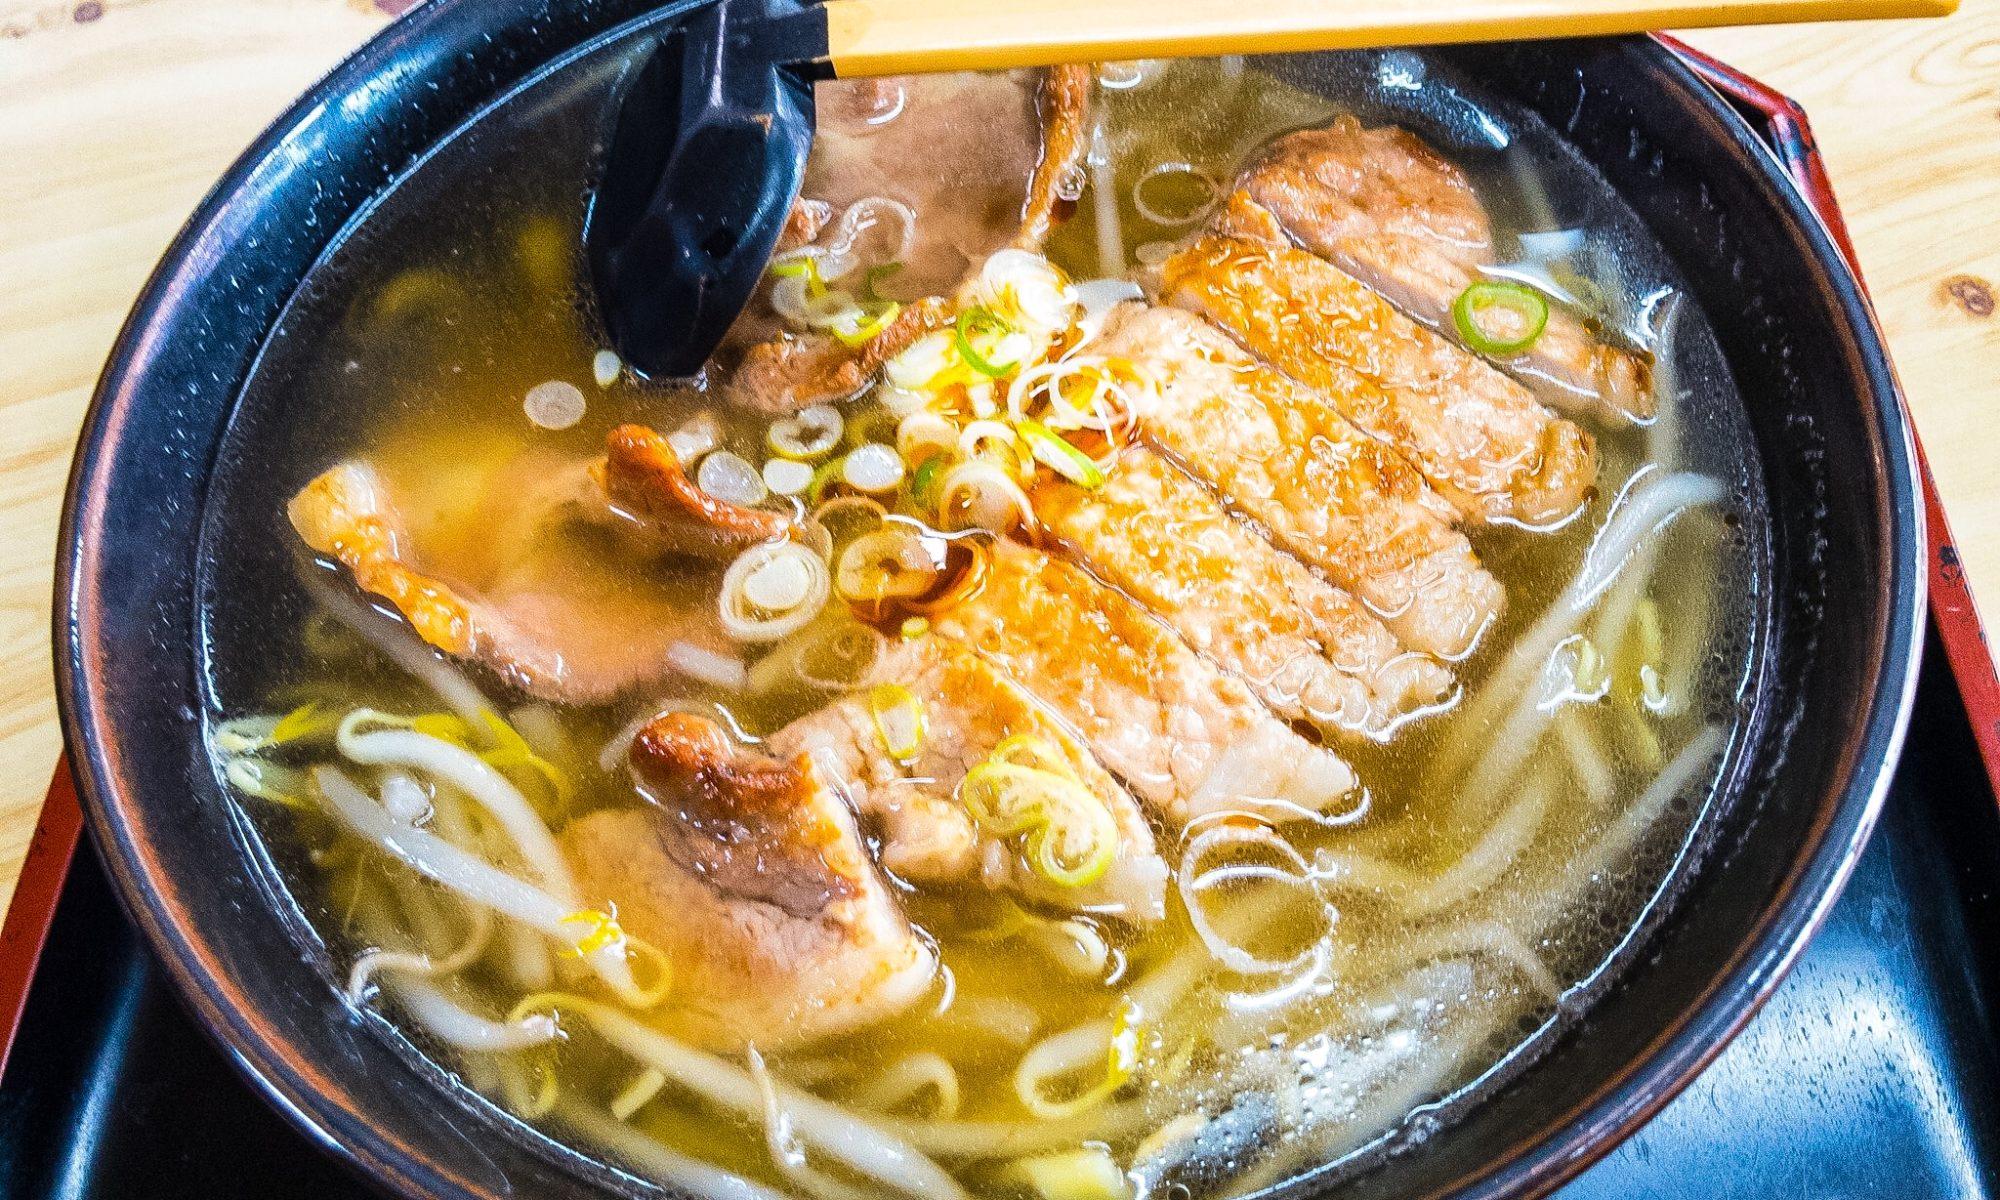 園食堂 肉タン